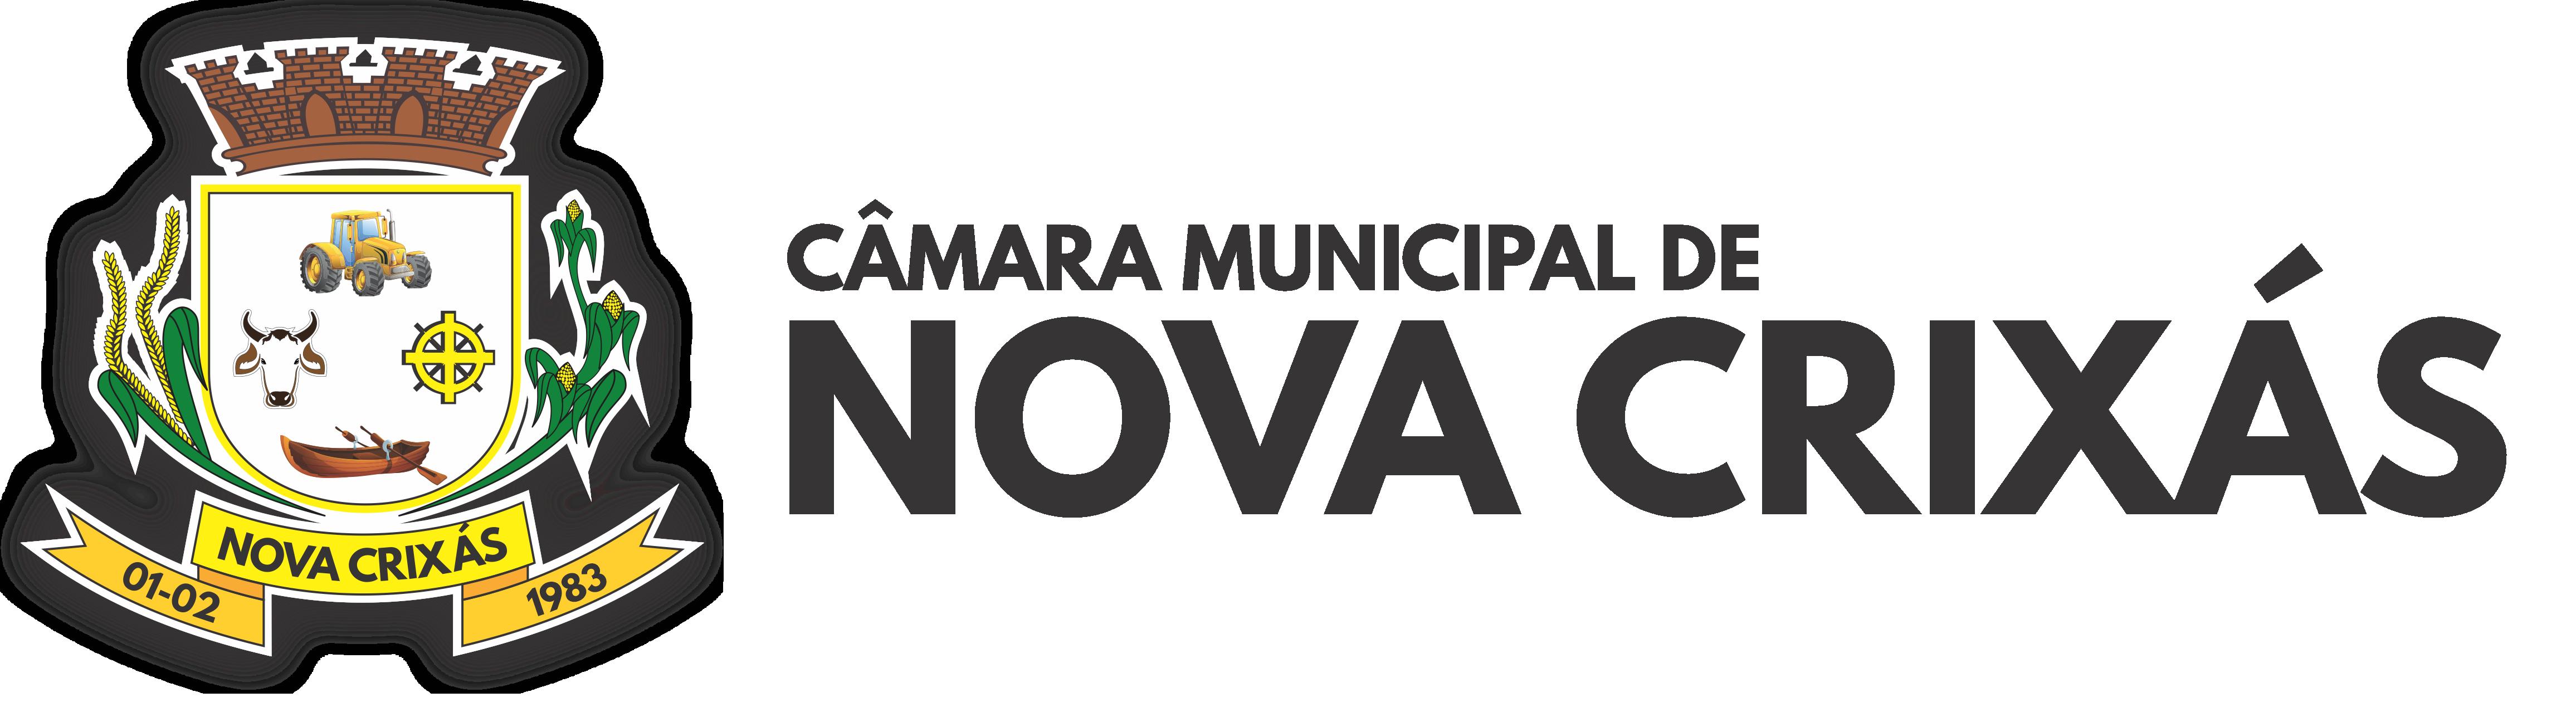 Câmara Municipal de Nova Crixás